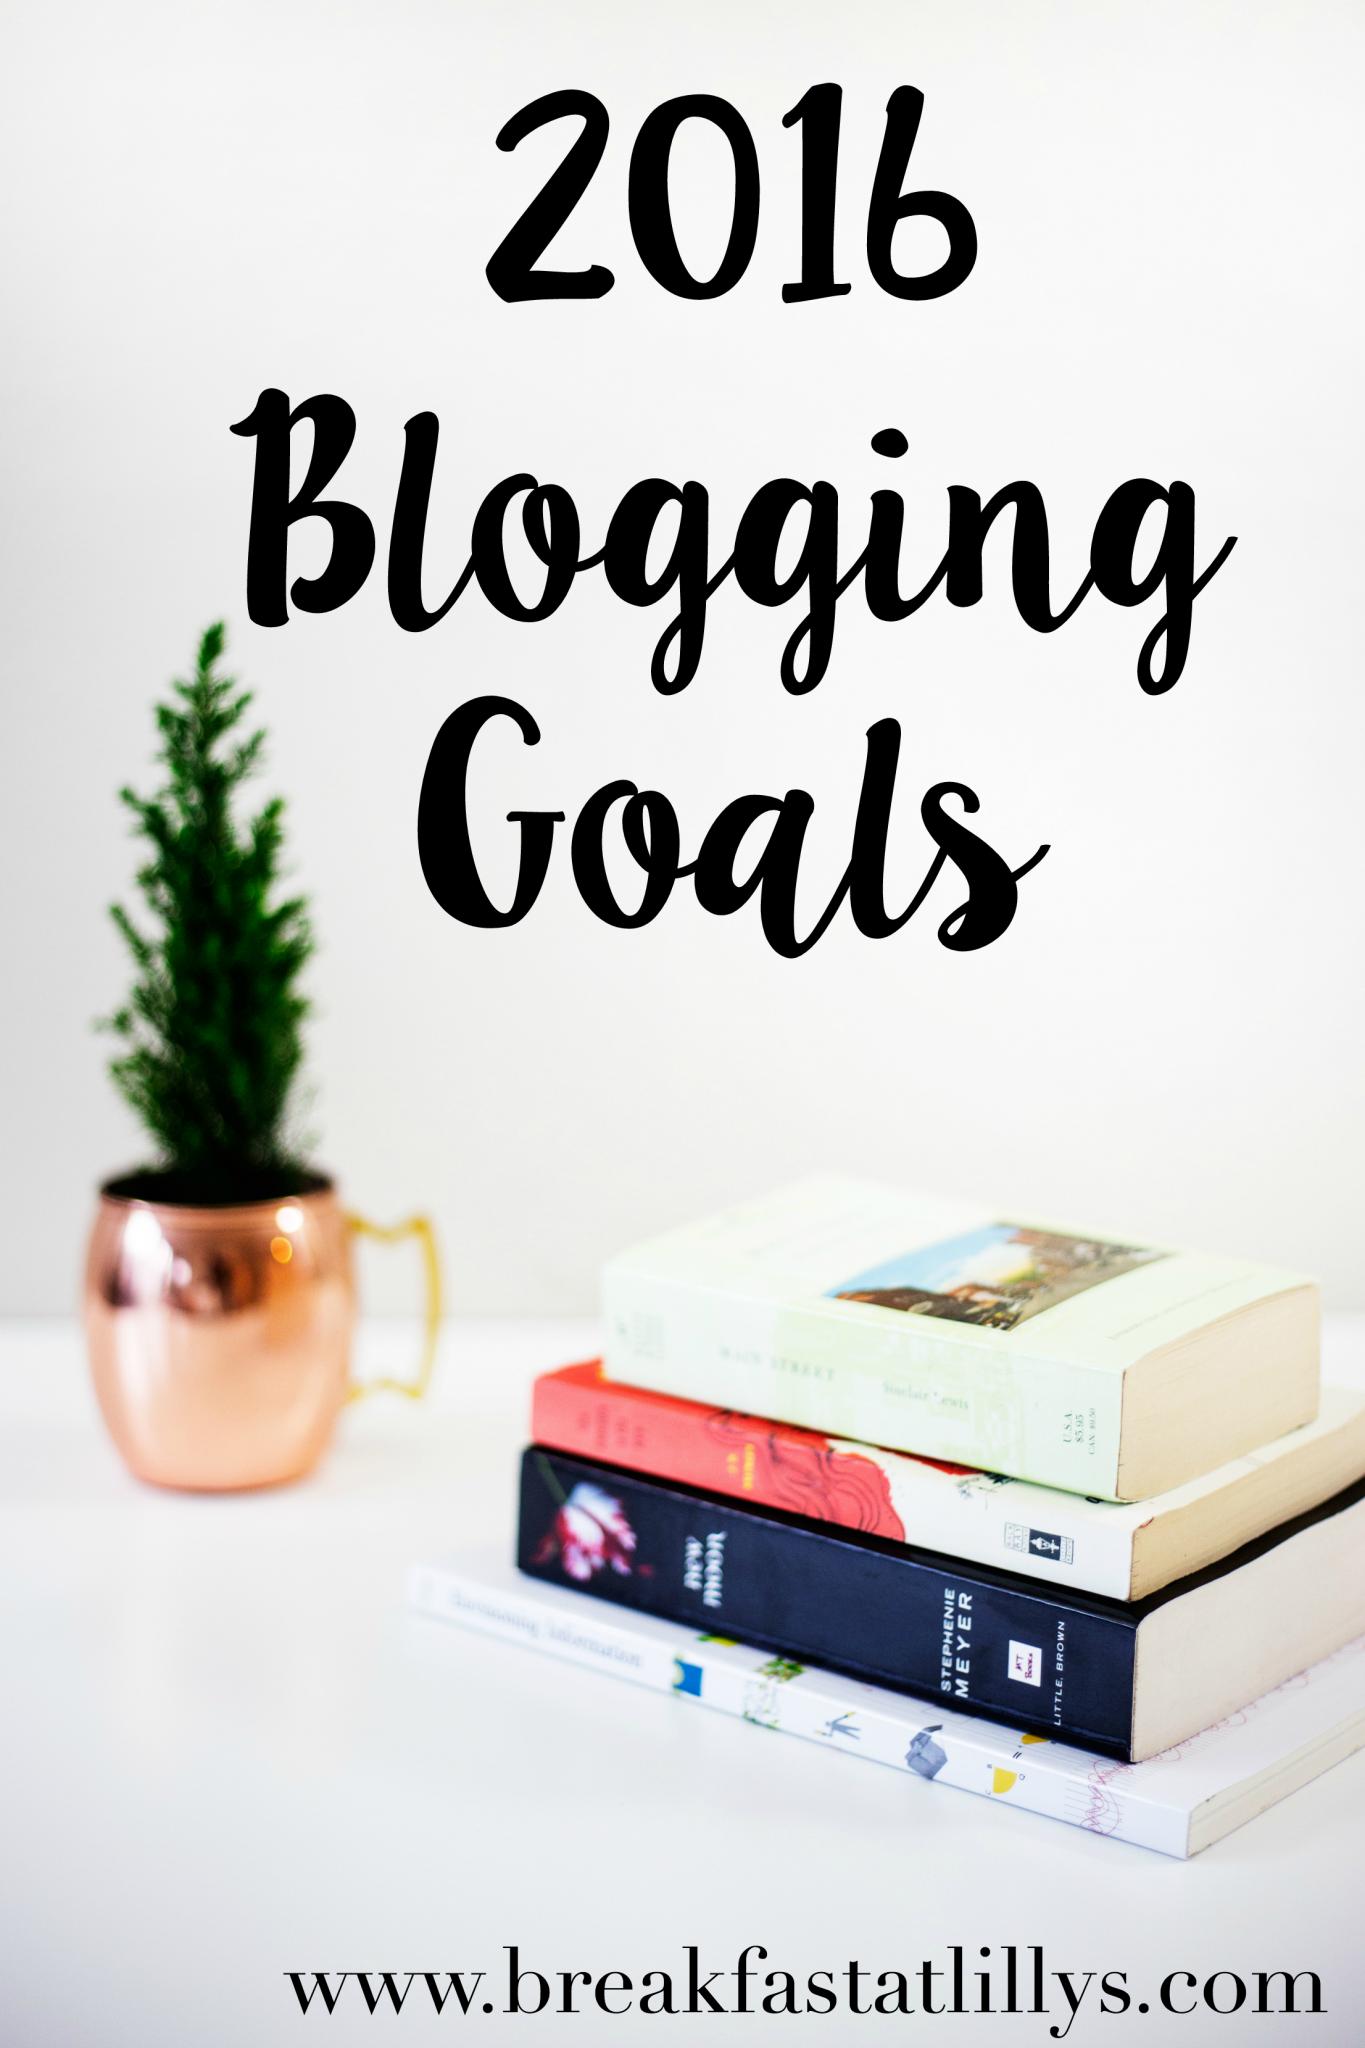 2016 Blogging Goals